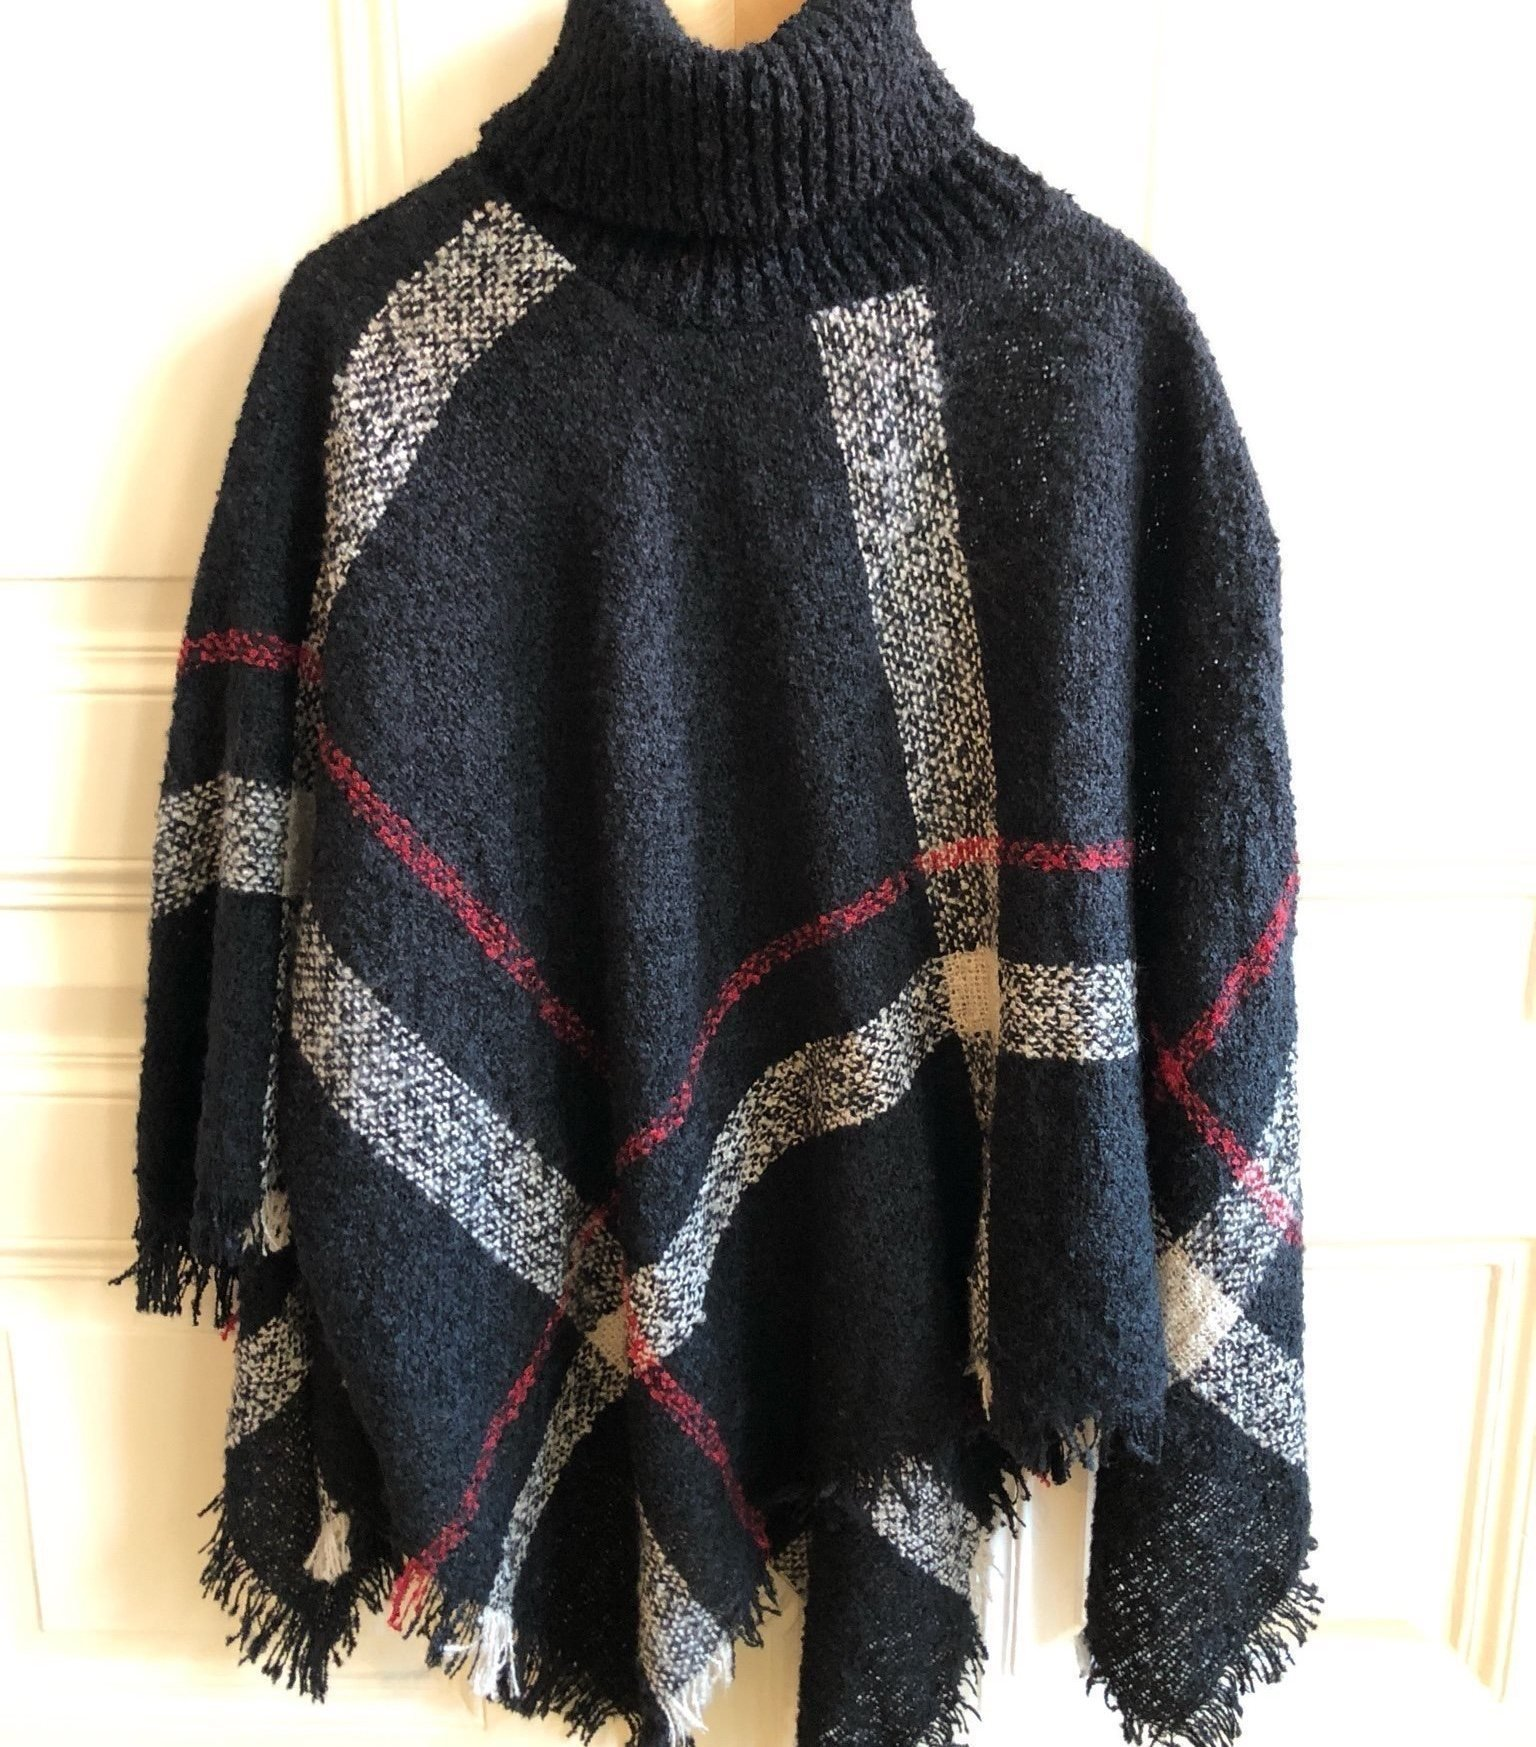 Otroligt prisvärd snygg tröja poncho jacka dam